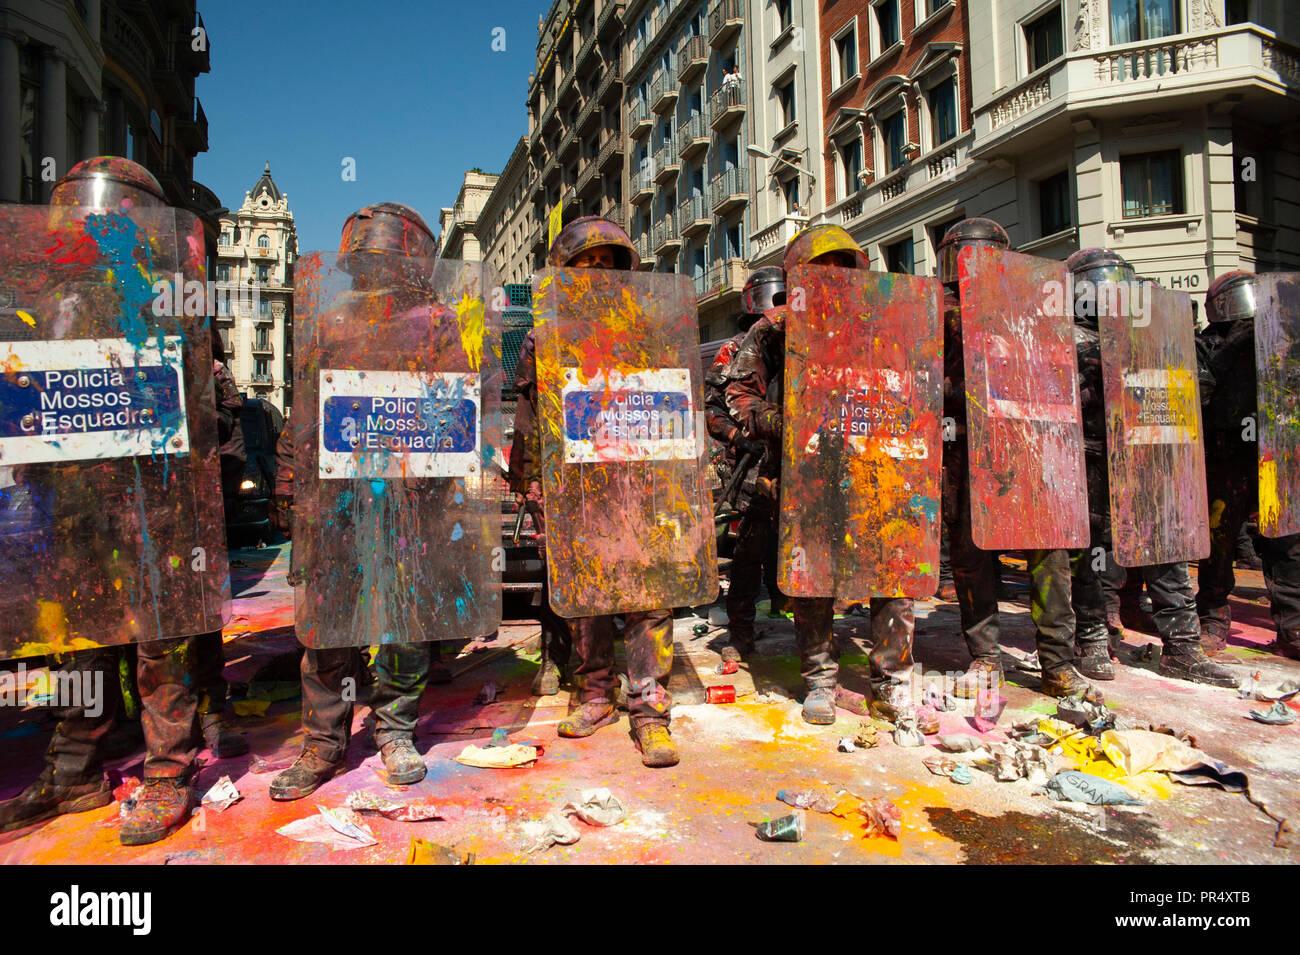 Barcelone. 29 Septembre, 2018. La Catalogne des partisans de l'indépendance du conflit avec les Mossos d'Esquadra policiers comme ils protestent contre une manifestation pour commémorer leur opération pour empêcher la Catalogne 2017 Référendum sur l'indépendance. Crédit: Charlie Pérez / Alamy Live News Banque D'Images